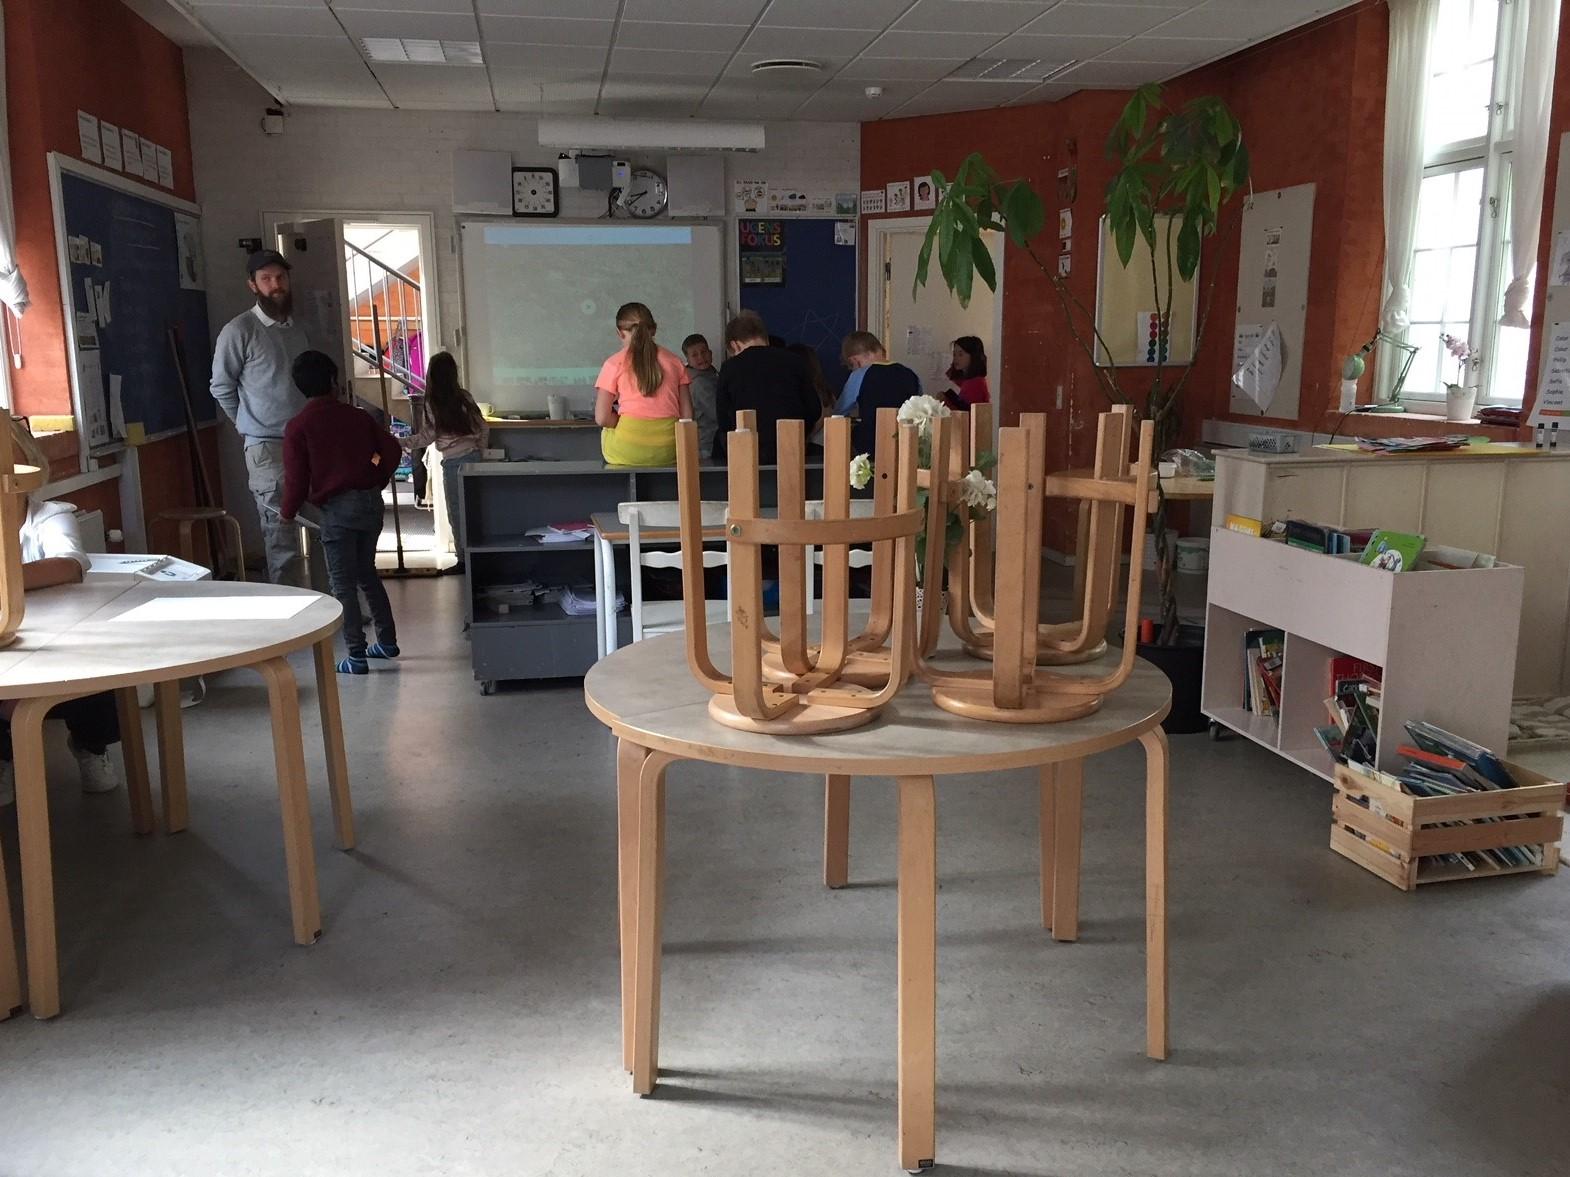 Klassrum där pallar står uppe på bänkarna.